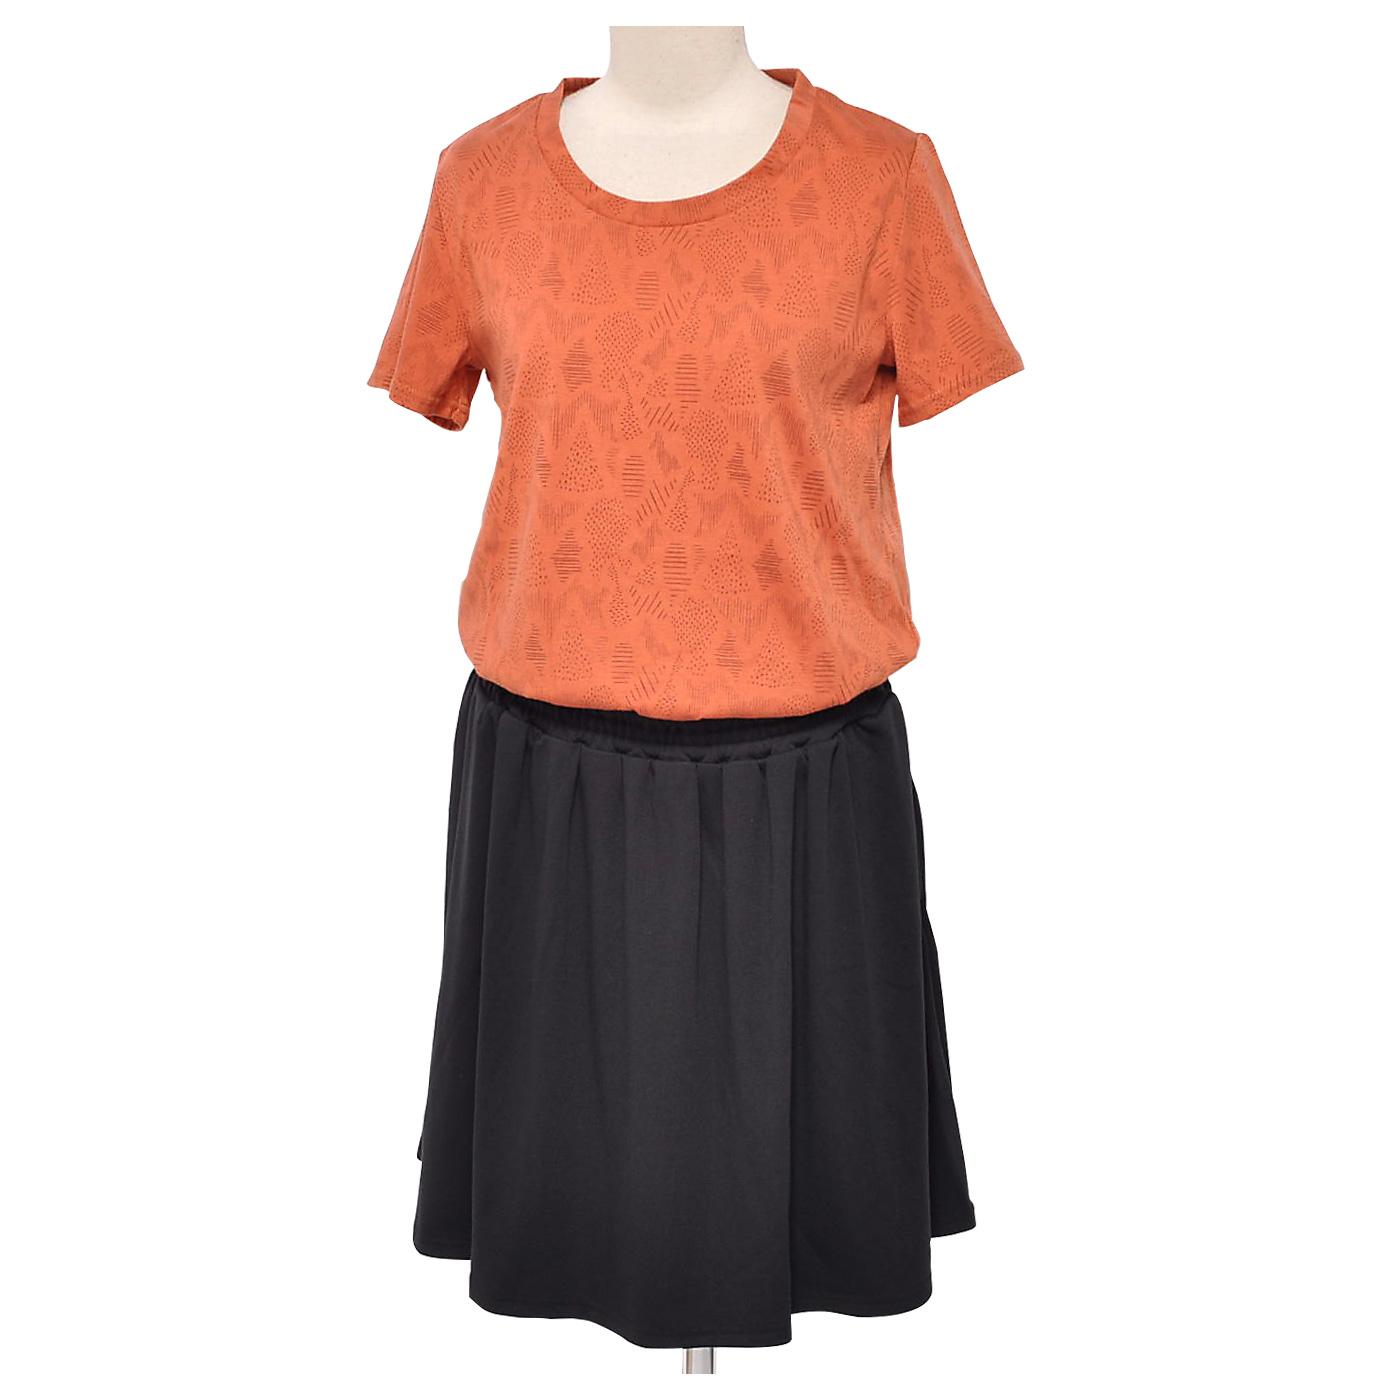 スカートは透けにくいスムース生地。両サイドにはポケットが付いています。ウエストは好きな高さにブラウジング。